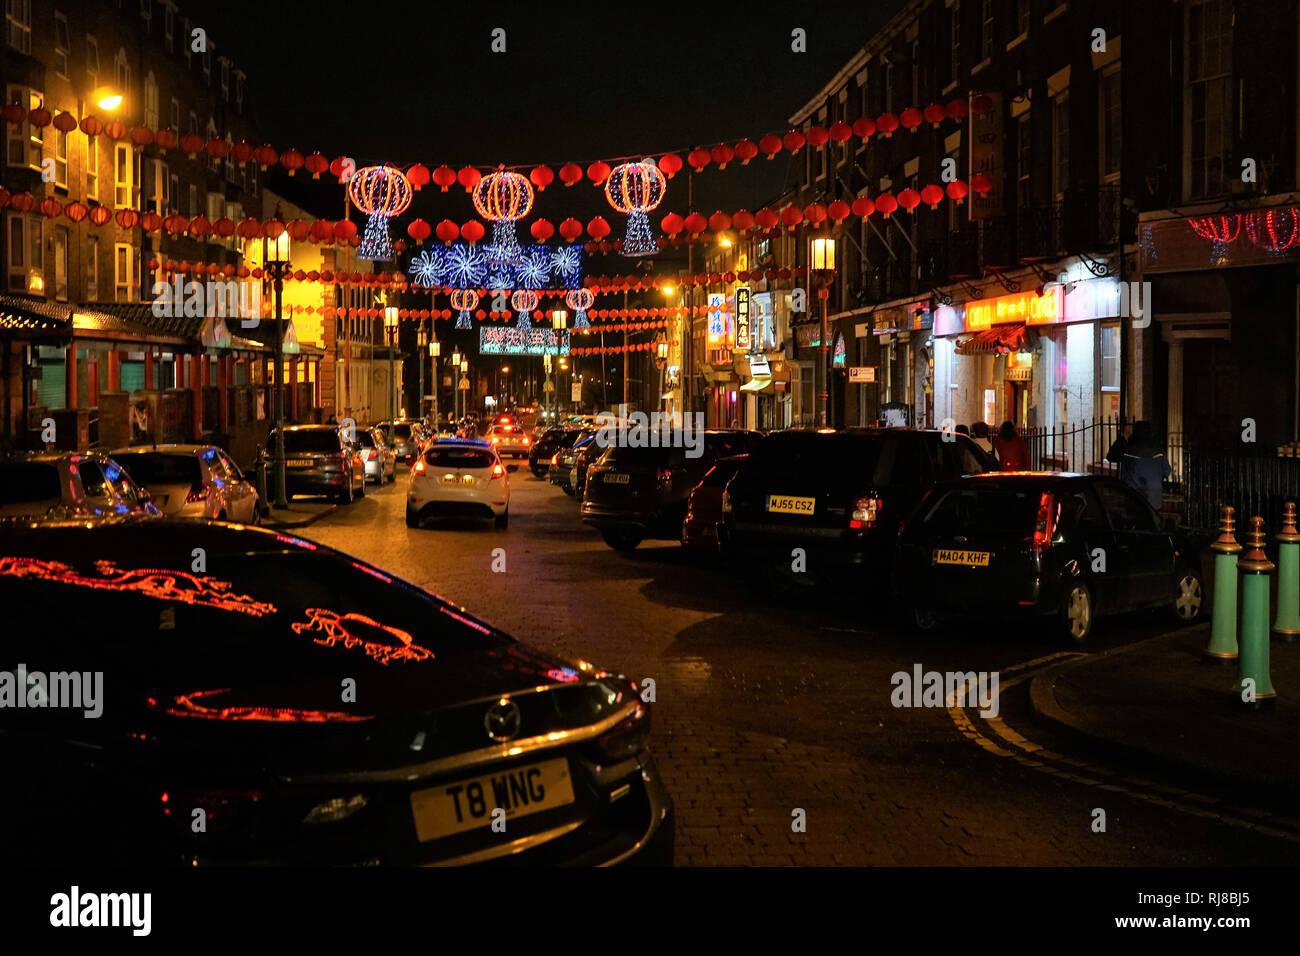 Liverpool, Royaume-Uni. 5 Février, 2019. Lanternes chinoises et feux colorés Nelson Street, mardi soir, le 5 février, dans le quartier chinois de Liverpool pour le début du Nouvel An chinois. Credit: Pak Hung Chan/Alamy Live News Banque D'Images